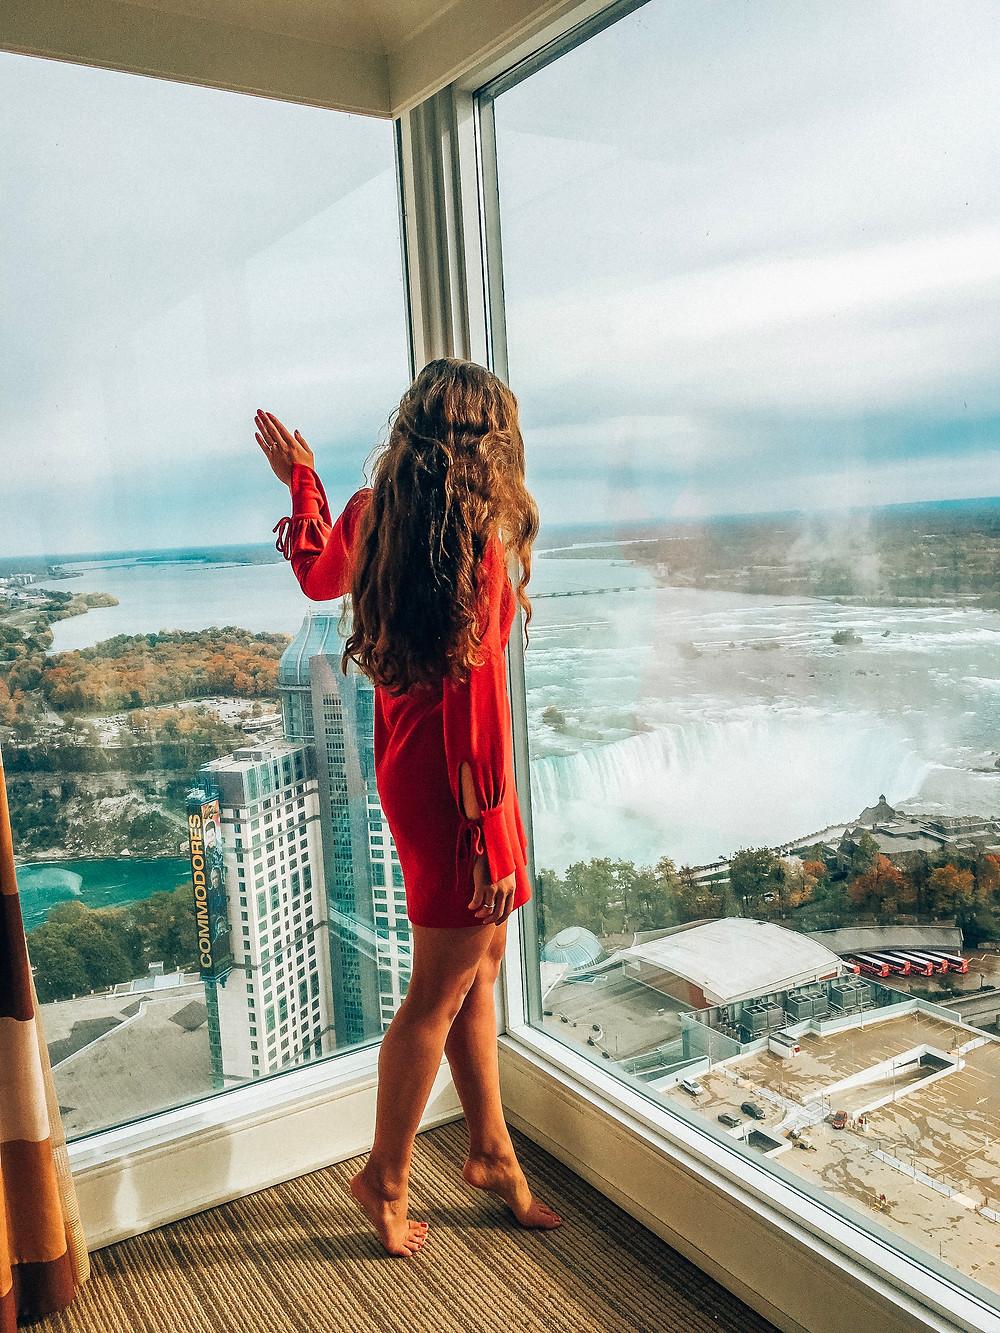 Kanada-Niagarafälle-Urlaub-Reisebericht-Hotel-Hilton